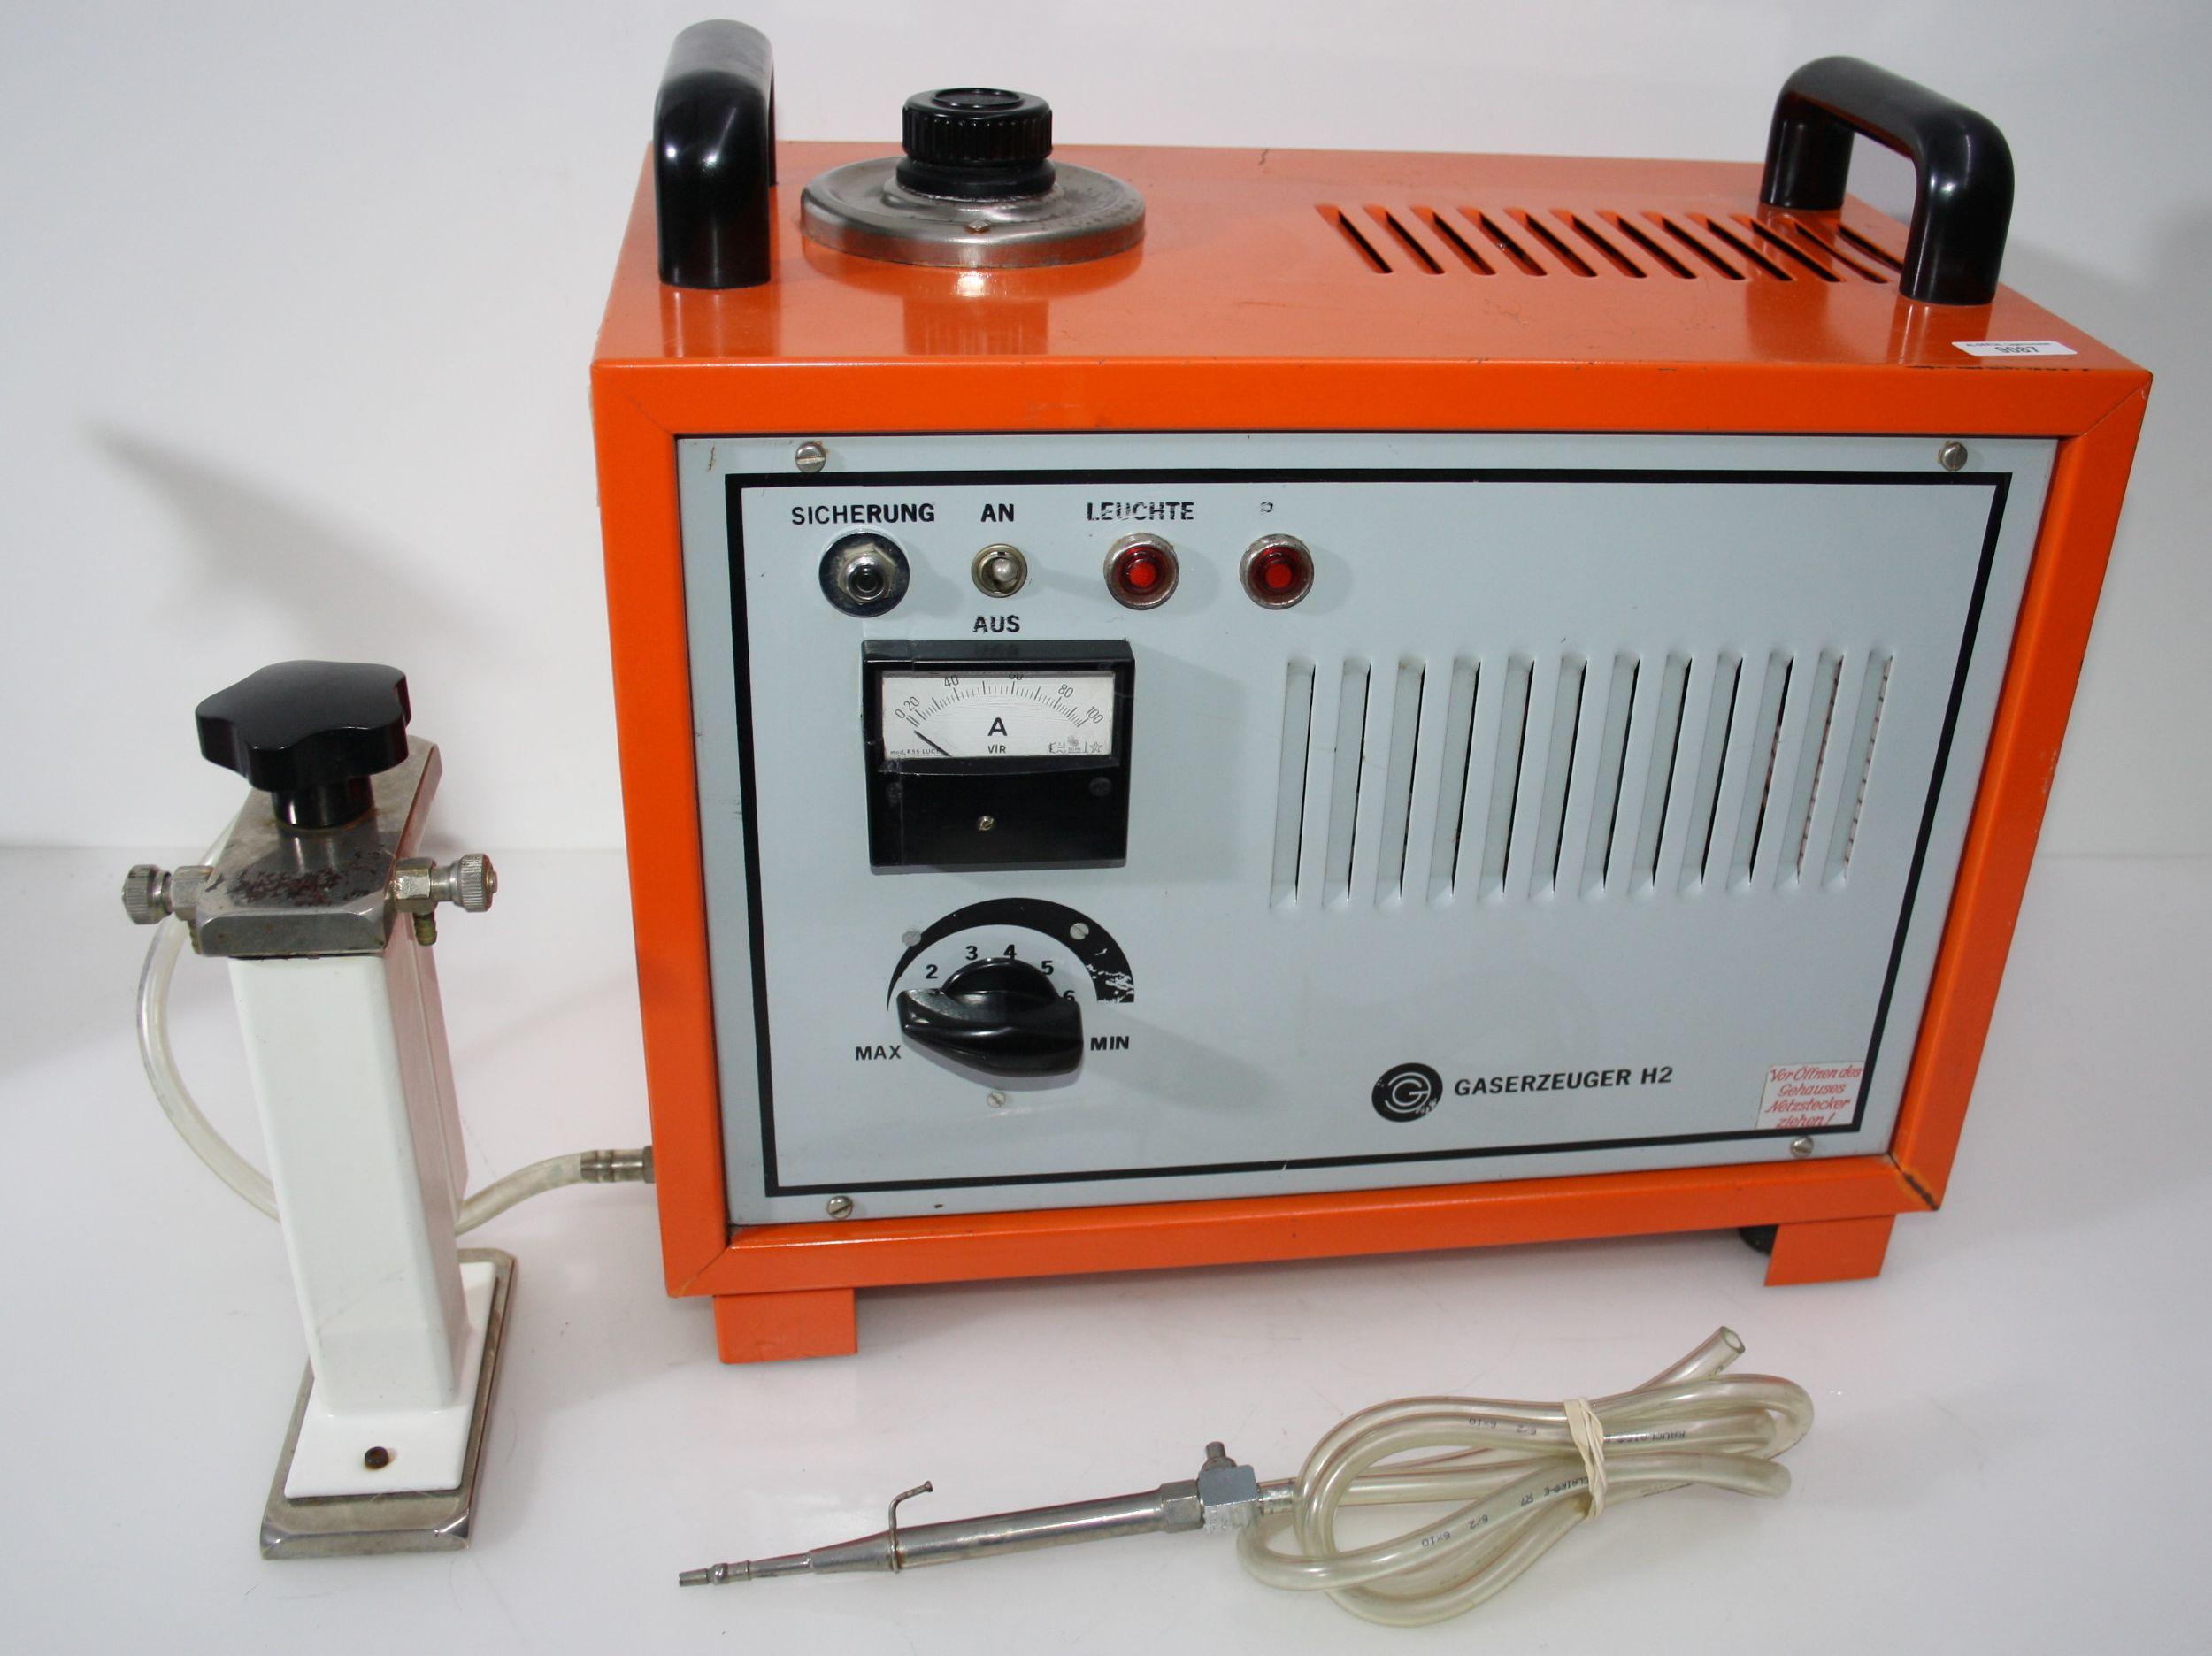 Hydrolötgerät / Wasserstofflötgerät  Gaserzeuger H2 # 9087